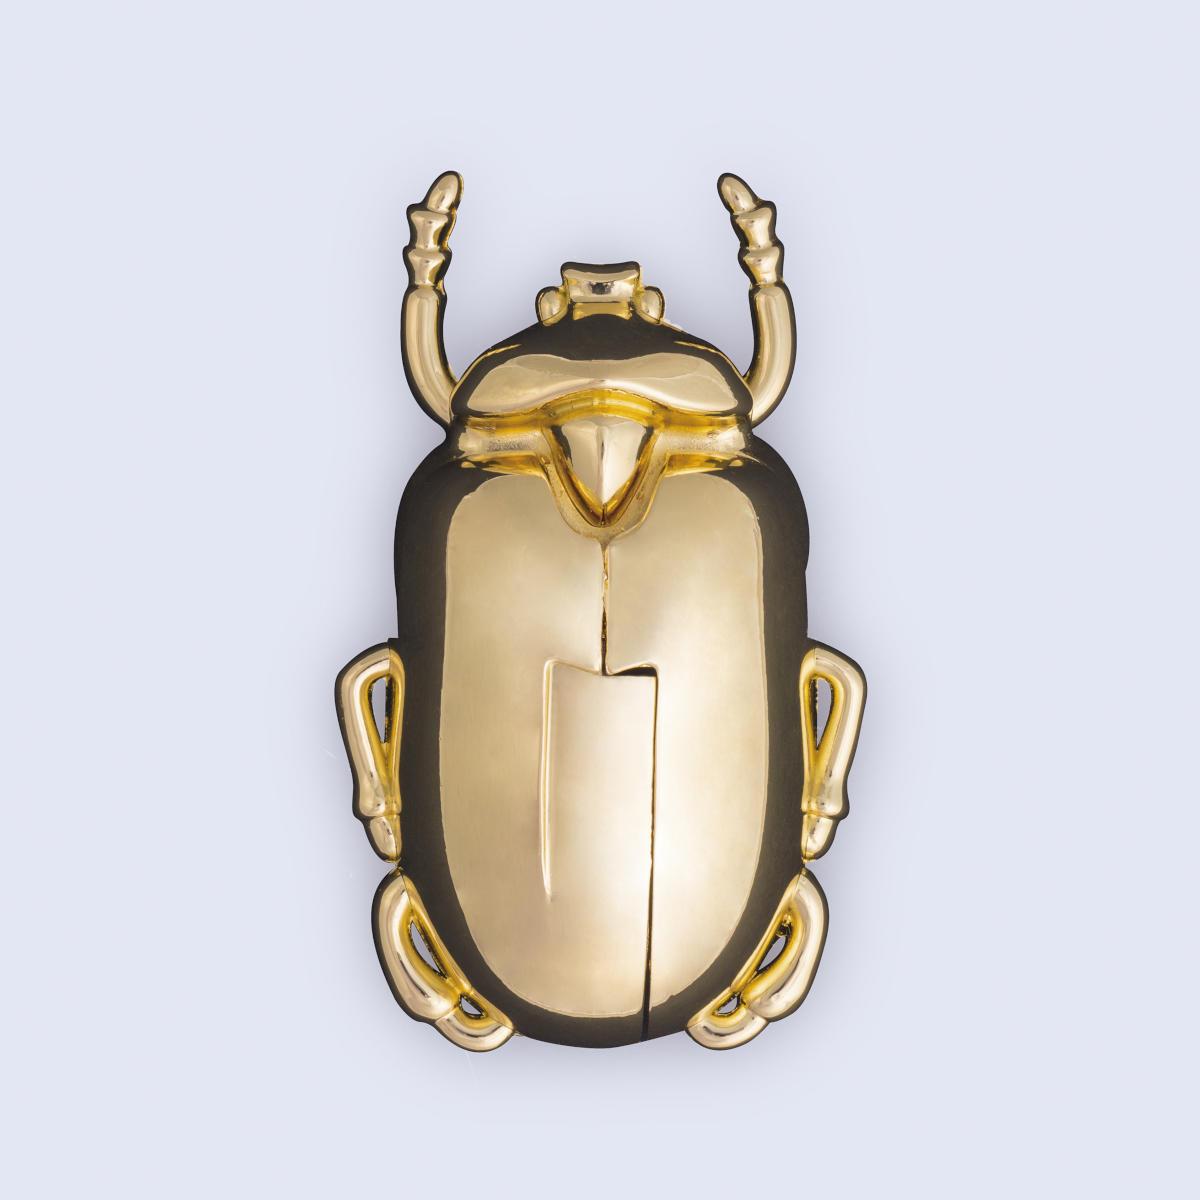 Insectum Vinöppnare - Guld REA 50%